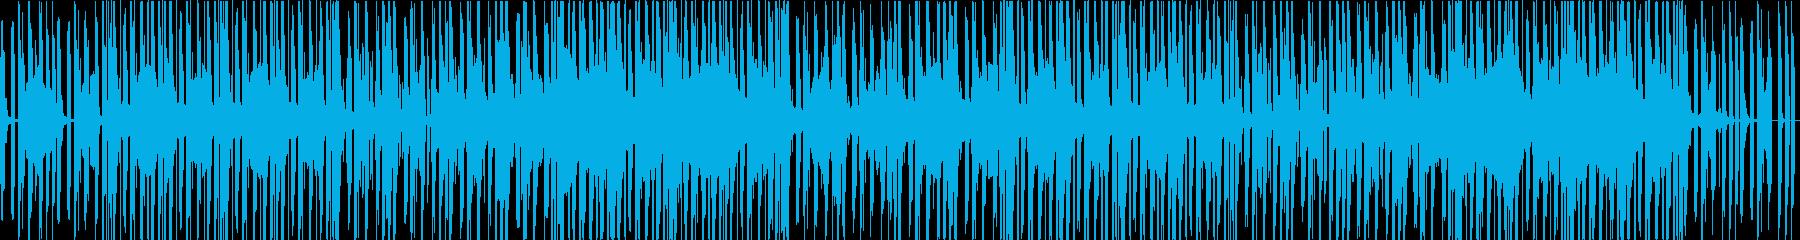 おしゃれ、チル、LOFI HIPHOP の再生済みの波形